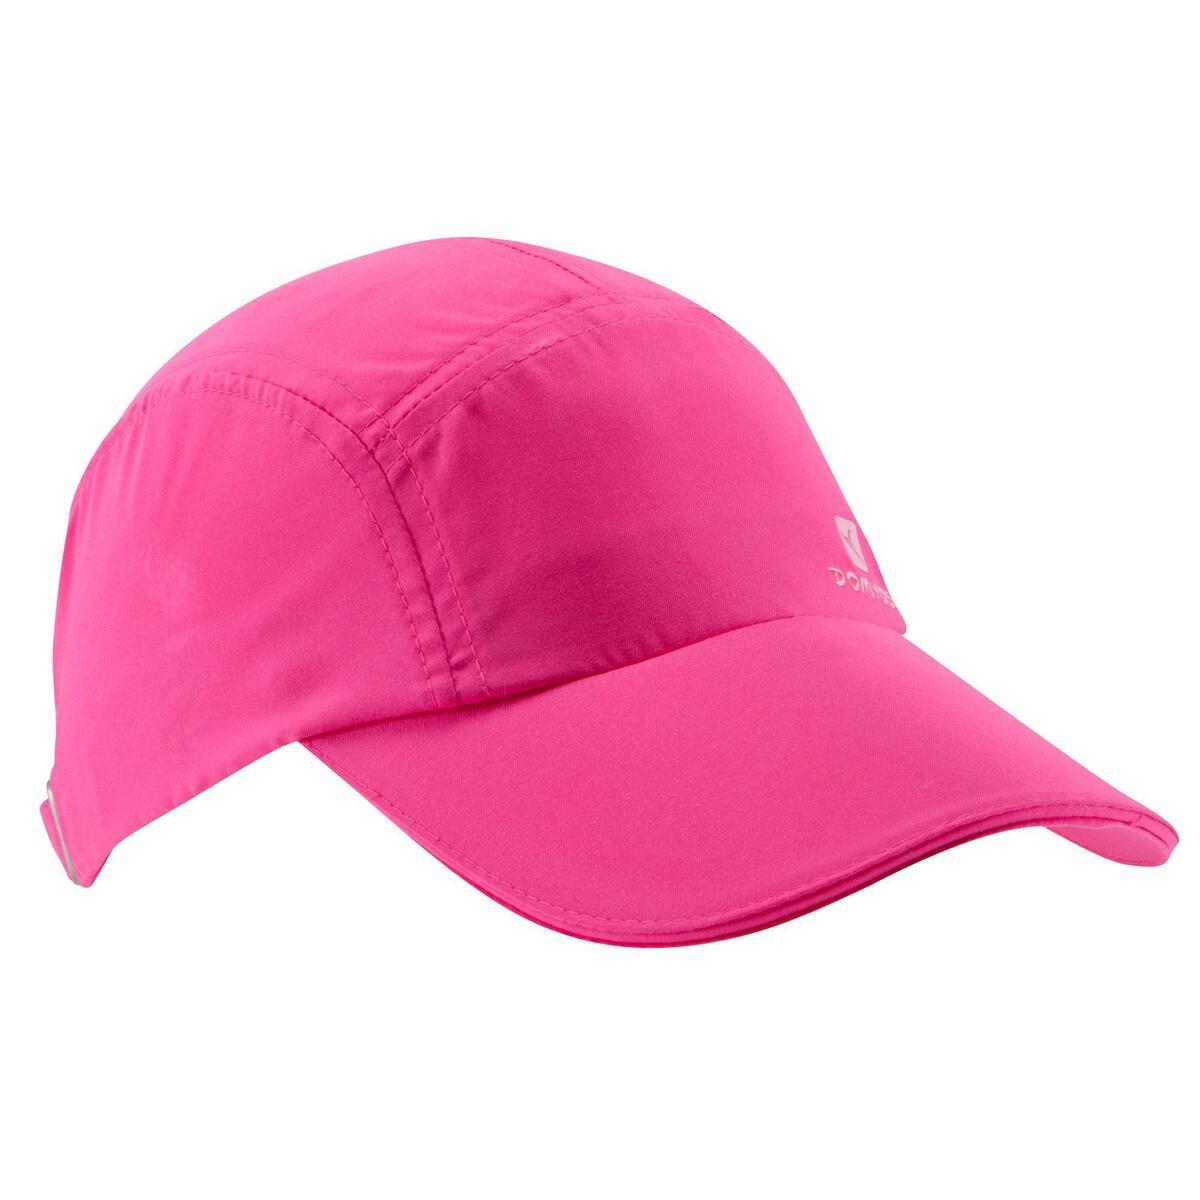 Bild 1 von Cap Fitness Erwachsene rosa